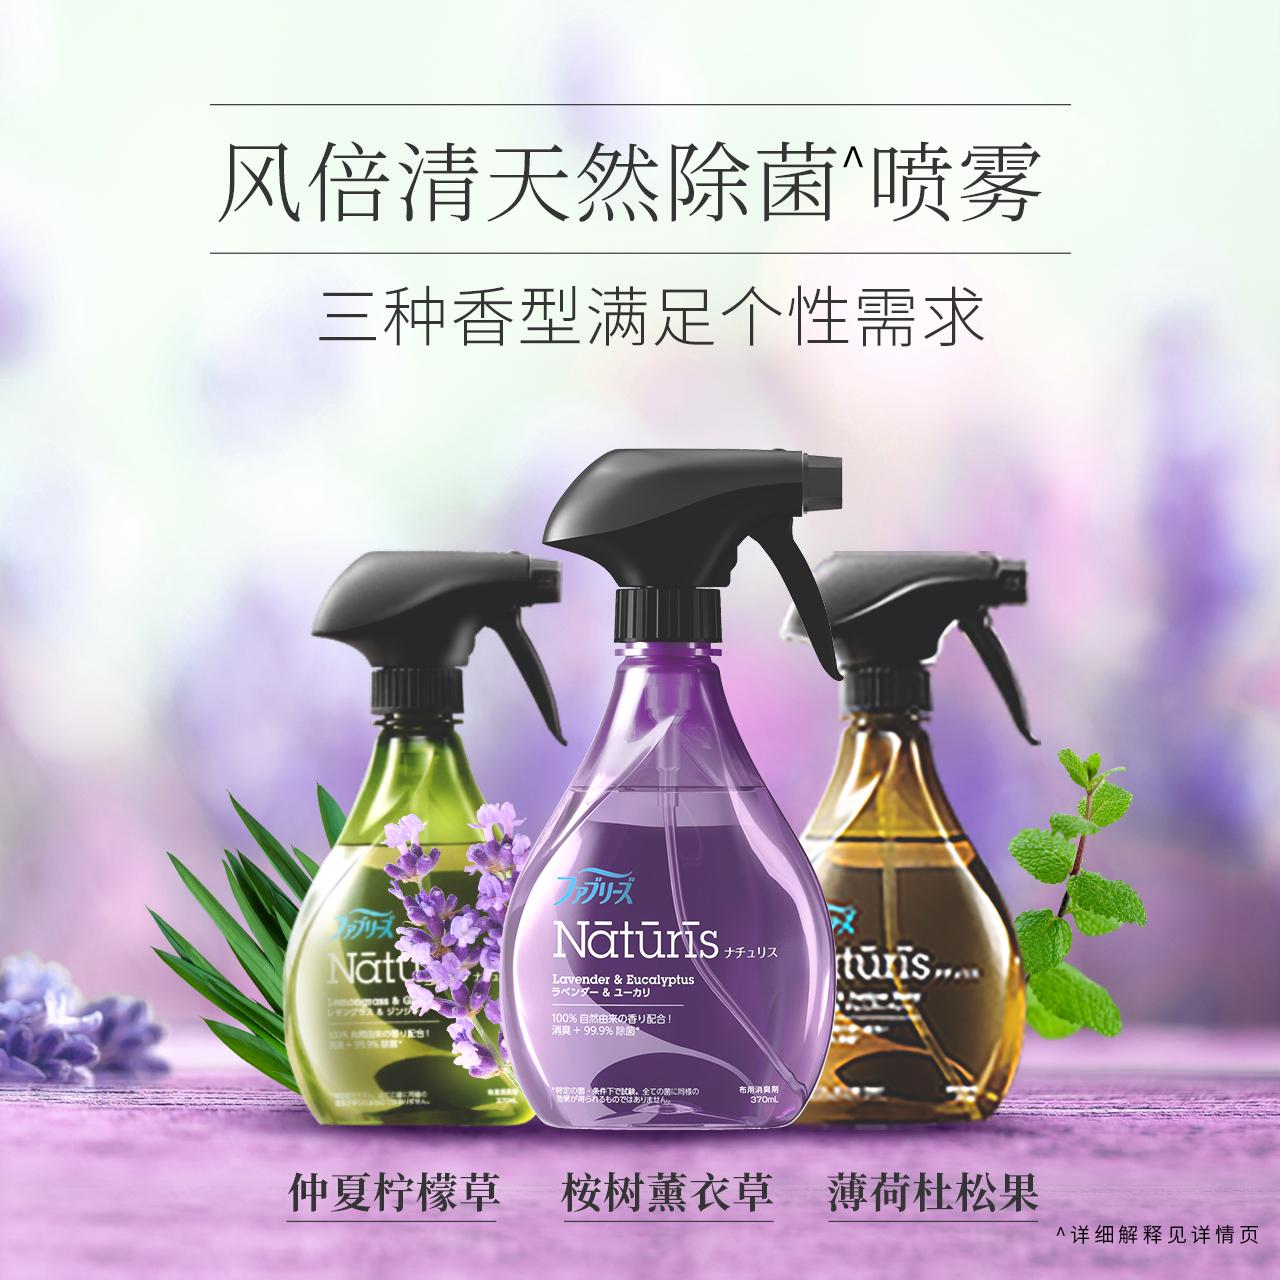 宝洁风倍清Febreze衣物香氛小清新瓶除臭除菌除味喷雾空气清新剂 - 图3